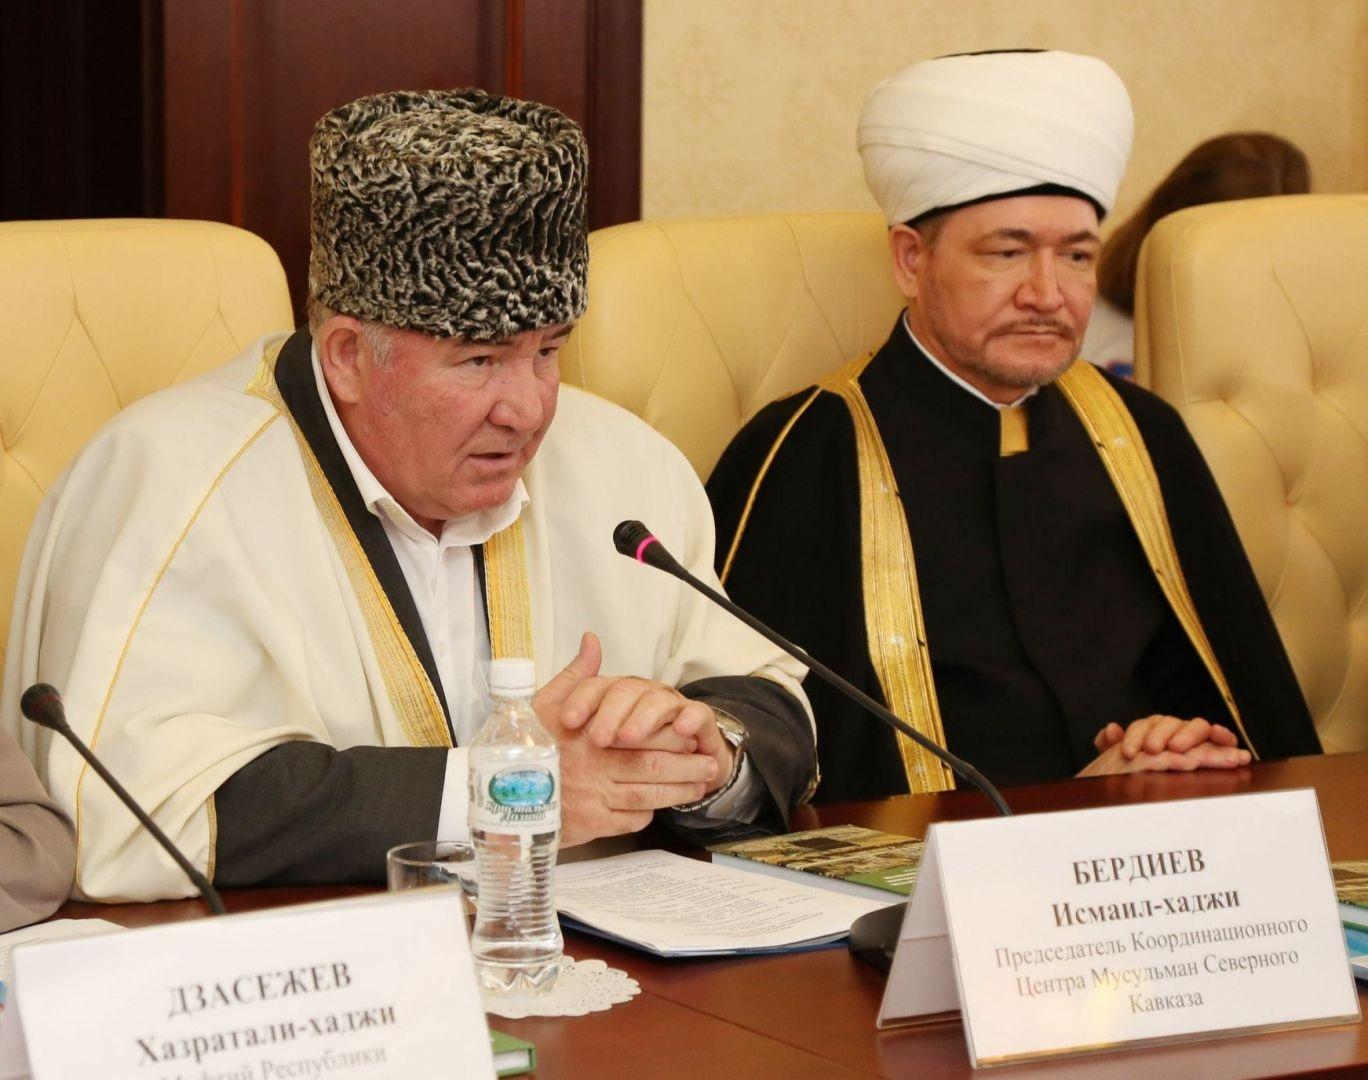 СМИ: Мусульмане поссорились из-за муфтиятов на Кавказе